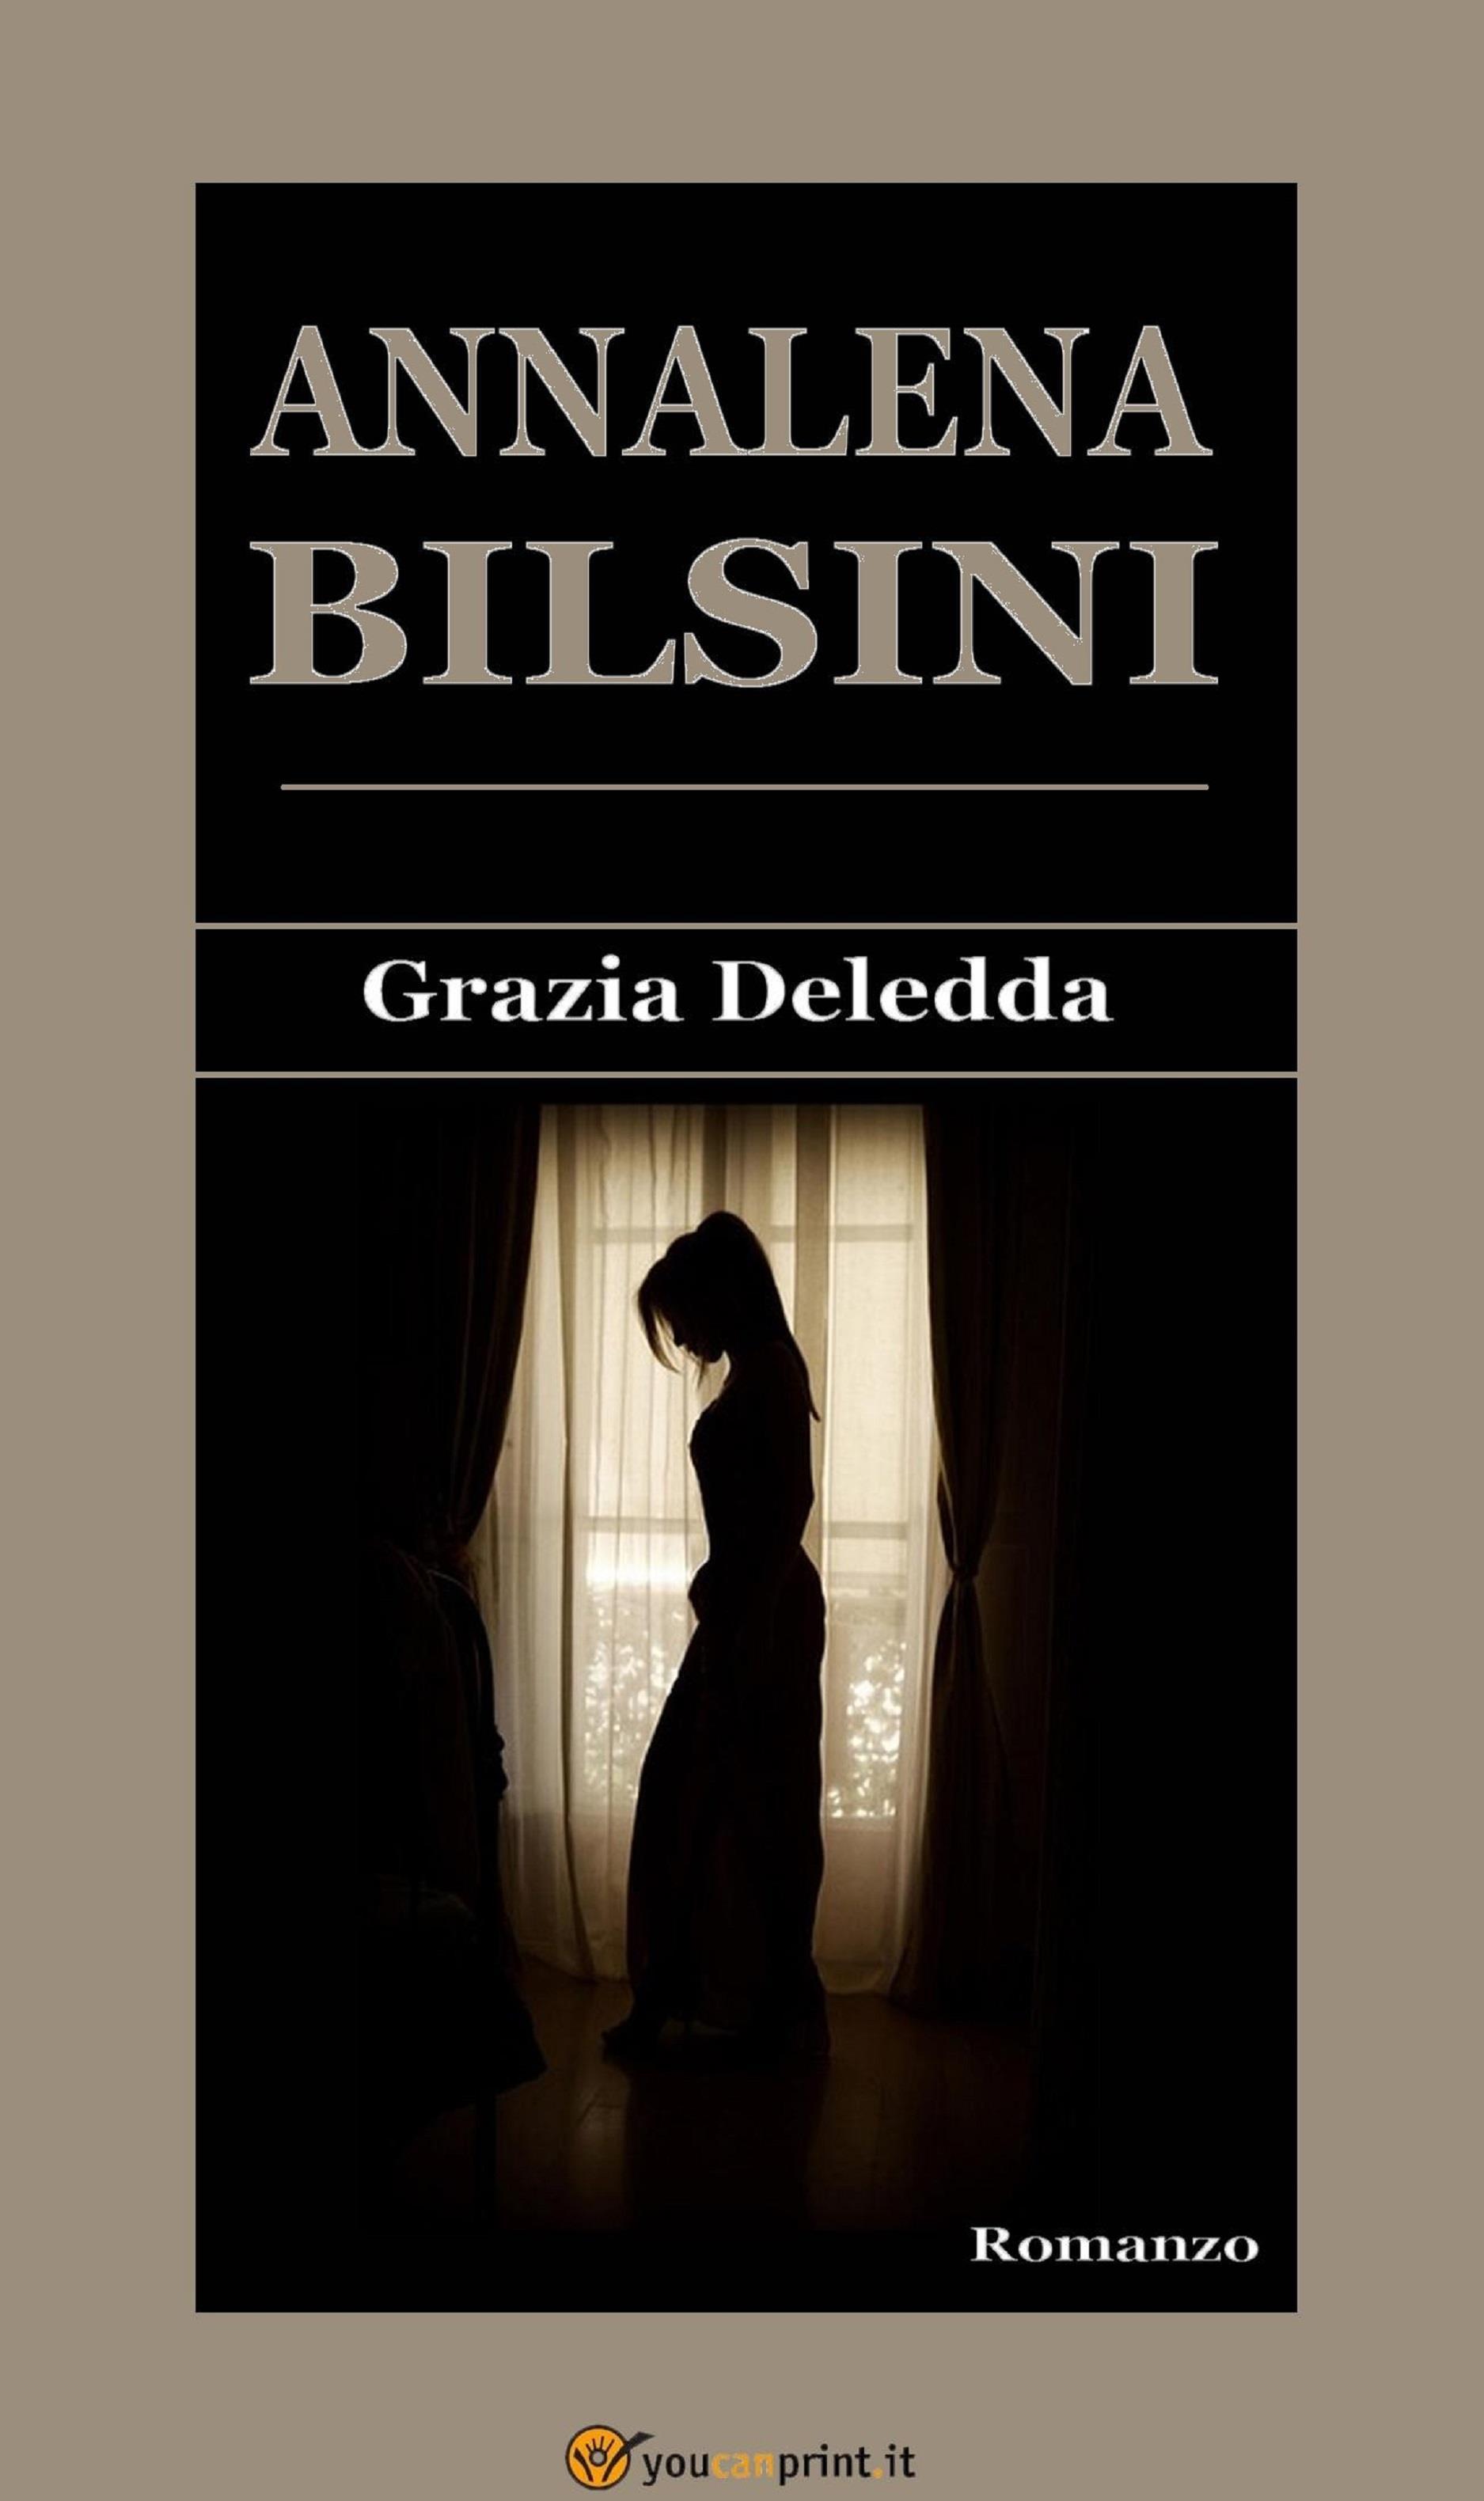 Annalena Bilsini